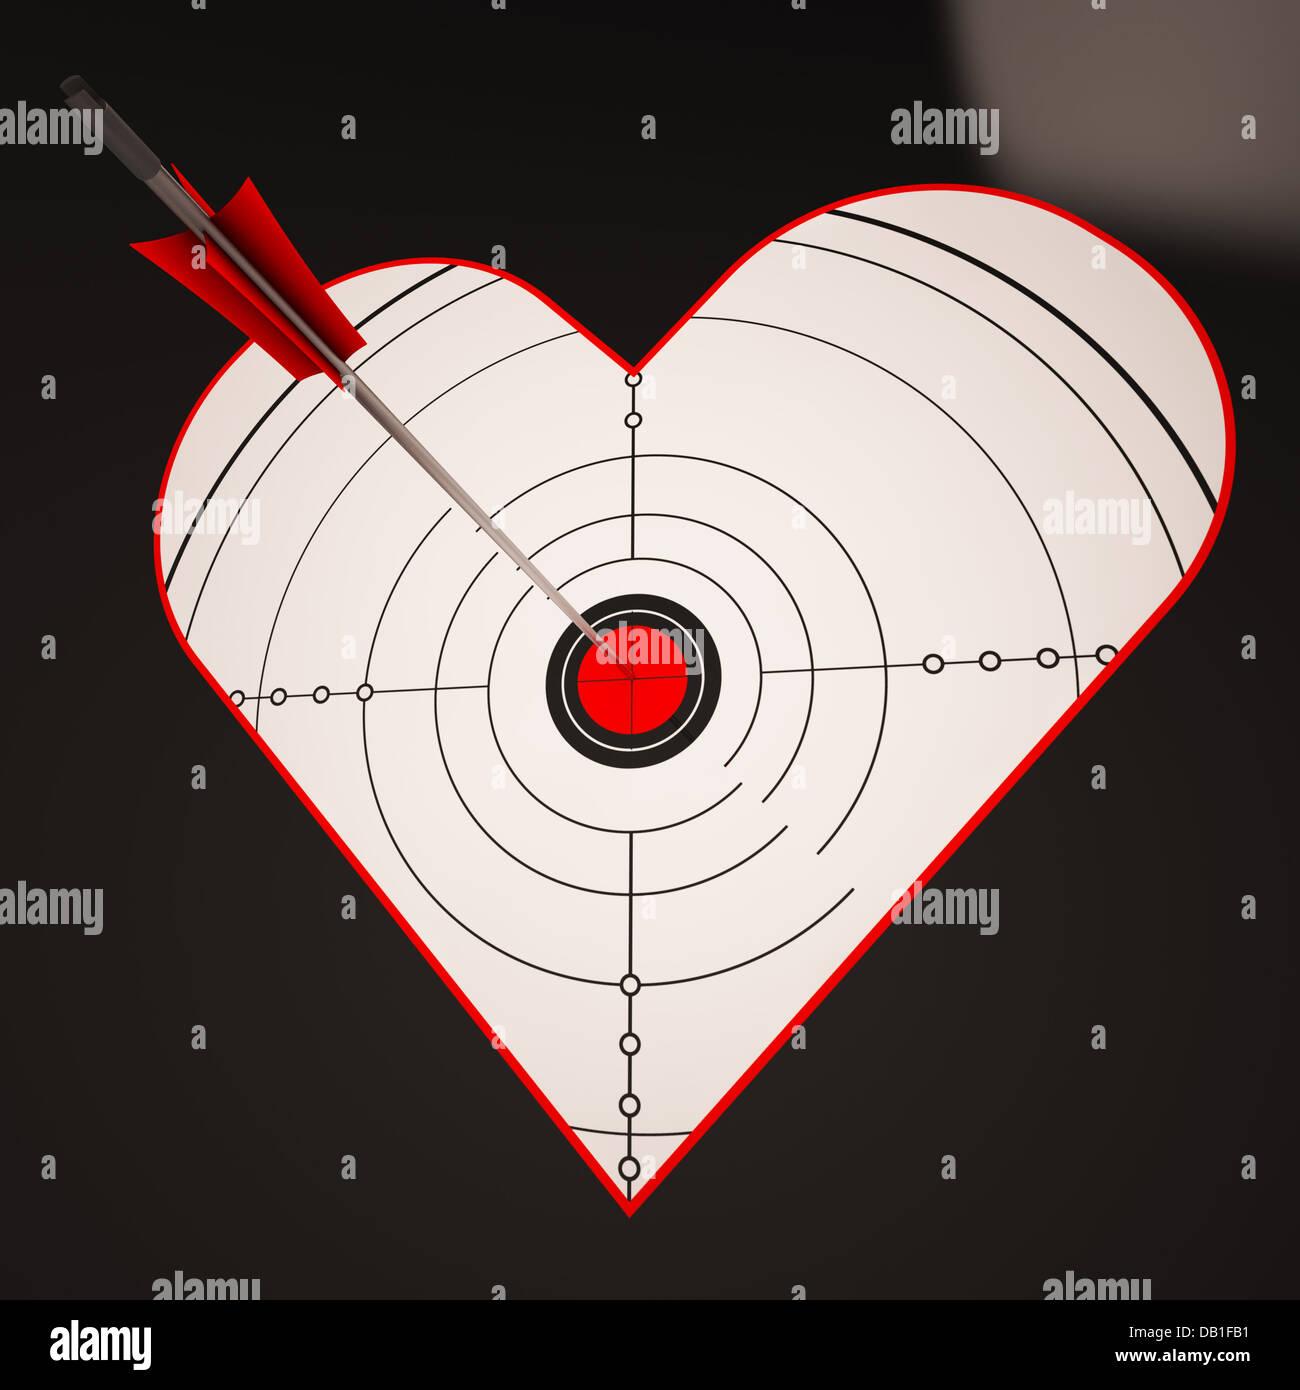 Herz Ziel zeigt erfolgreiche Gewinner In der Liebe Stockbild